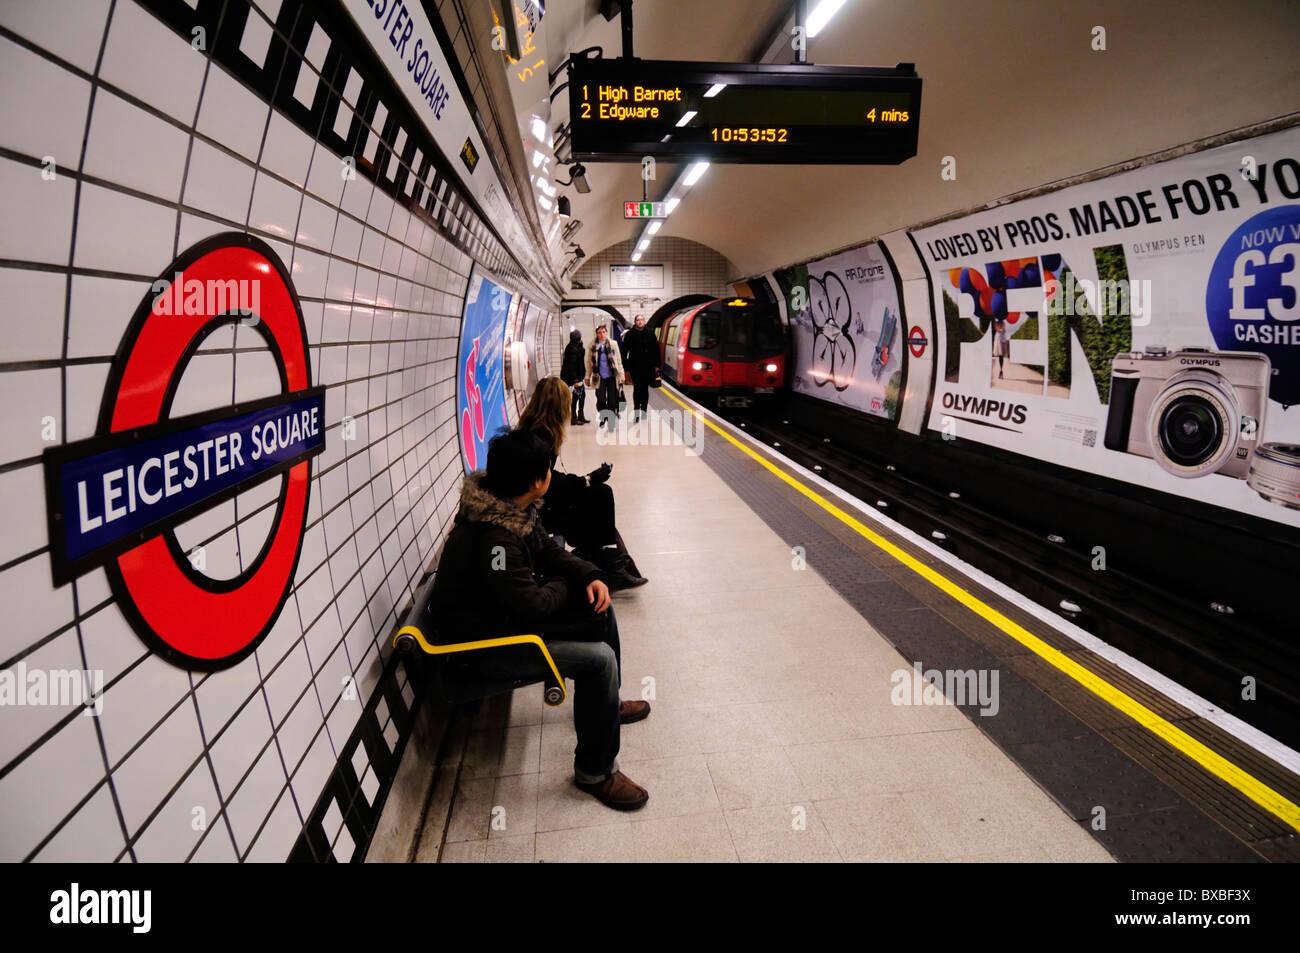 Leicester Square Underground Tube Station, London, England, UK - Stock Image